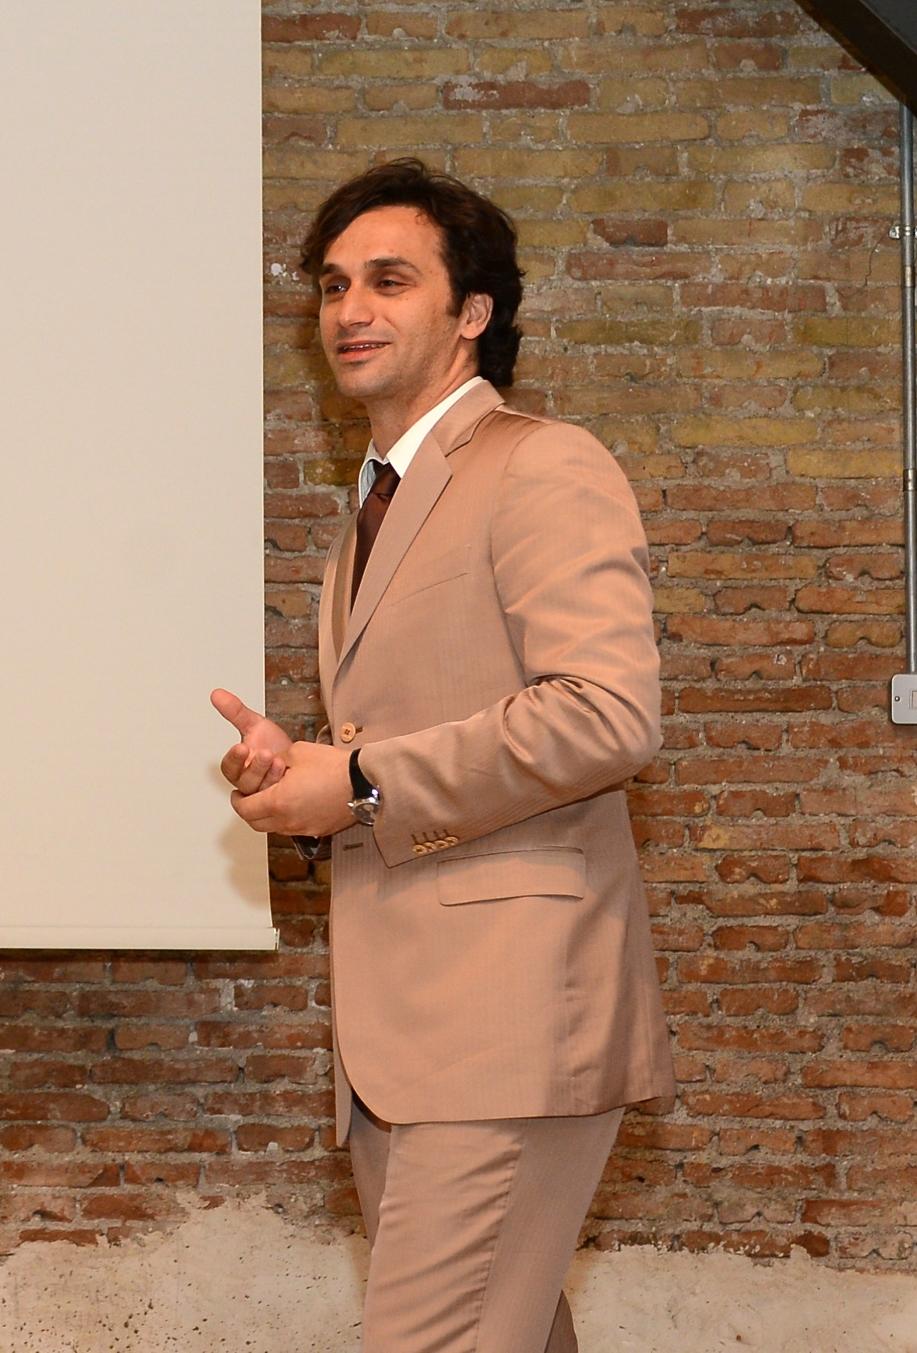 Ο Κωνσταντίνος Κωνσταντινόπουλος, Διευθύνων Σύμβουλος της εταιρείας.